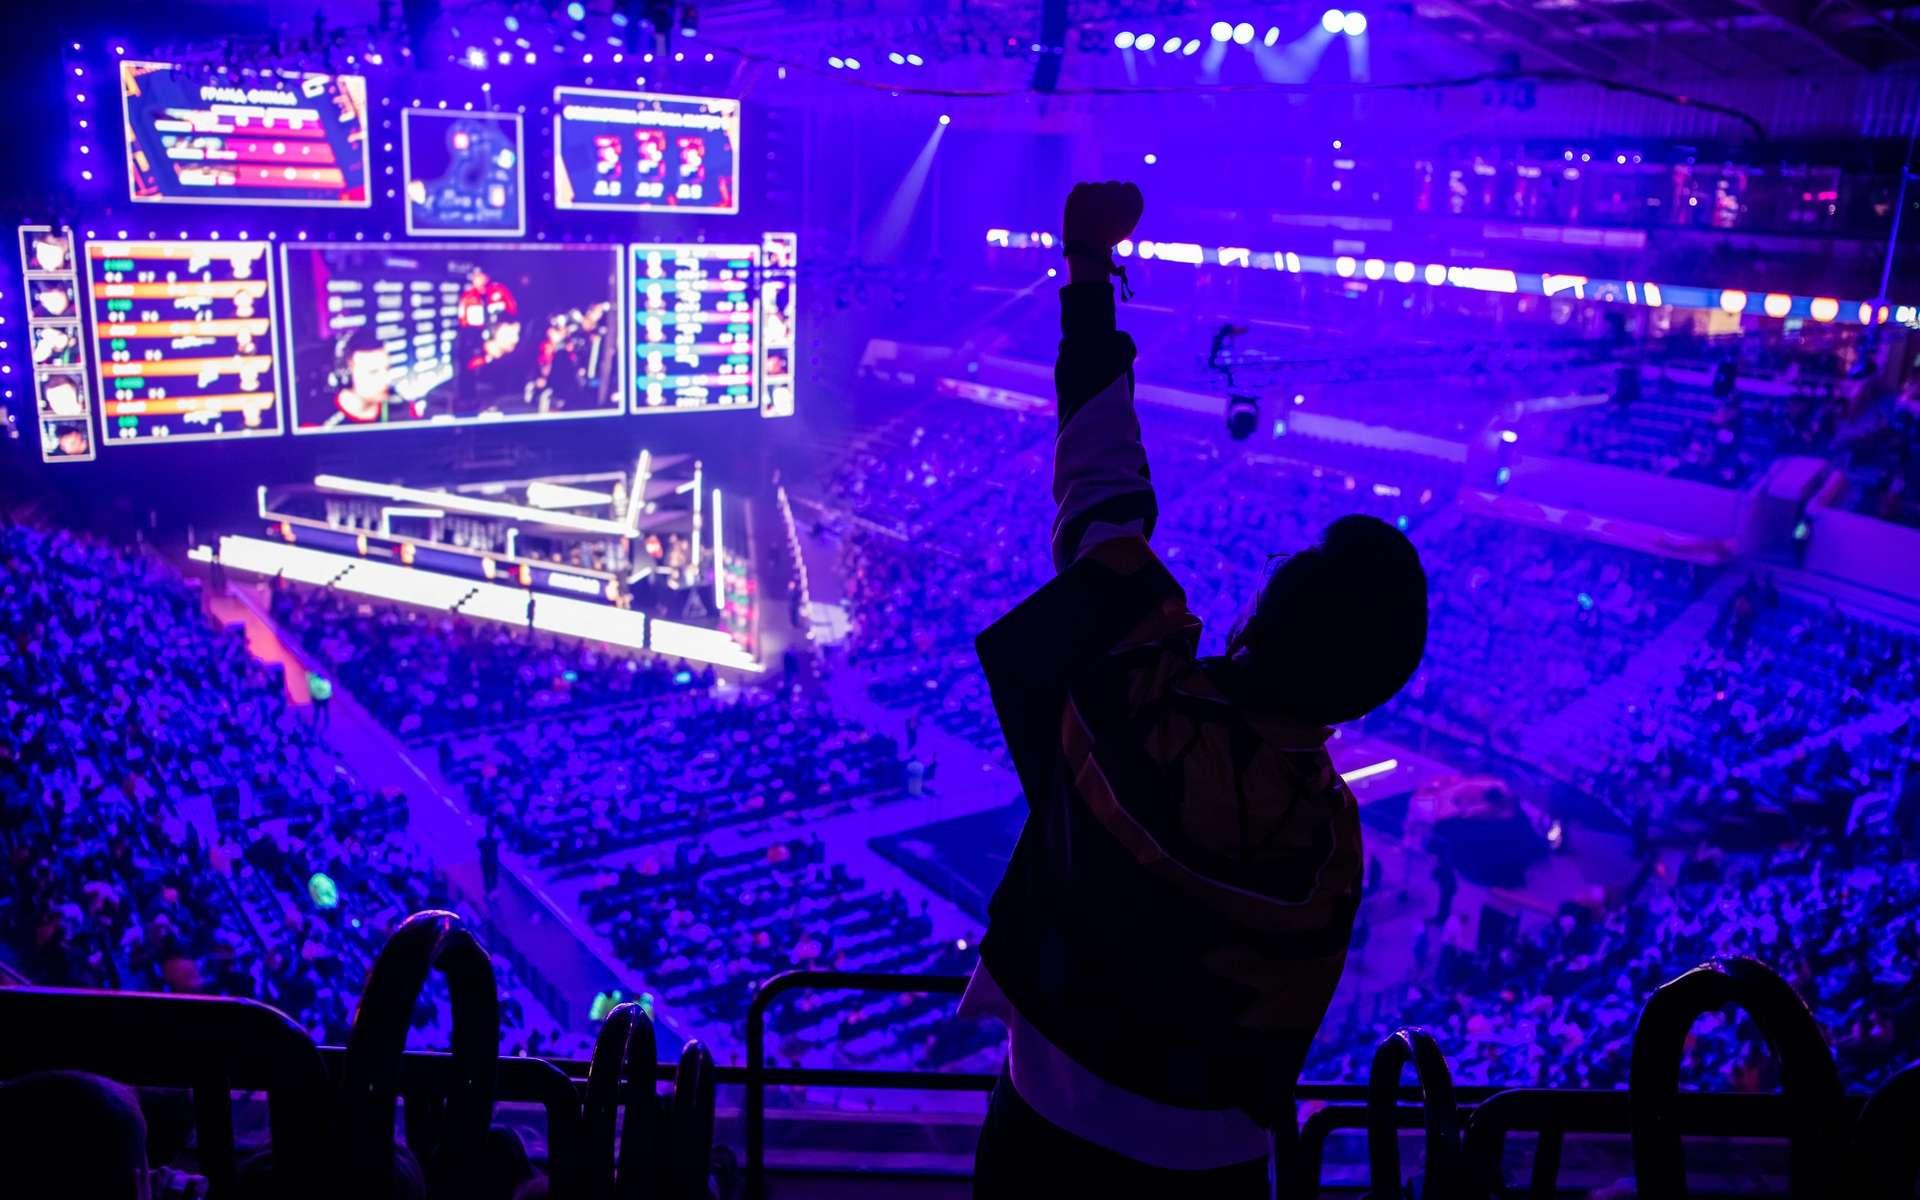 Les grands événements en eSport se multiplient dans le monde et attirent de plus en plus de fans. © romankosolapov, Adobe Stock